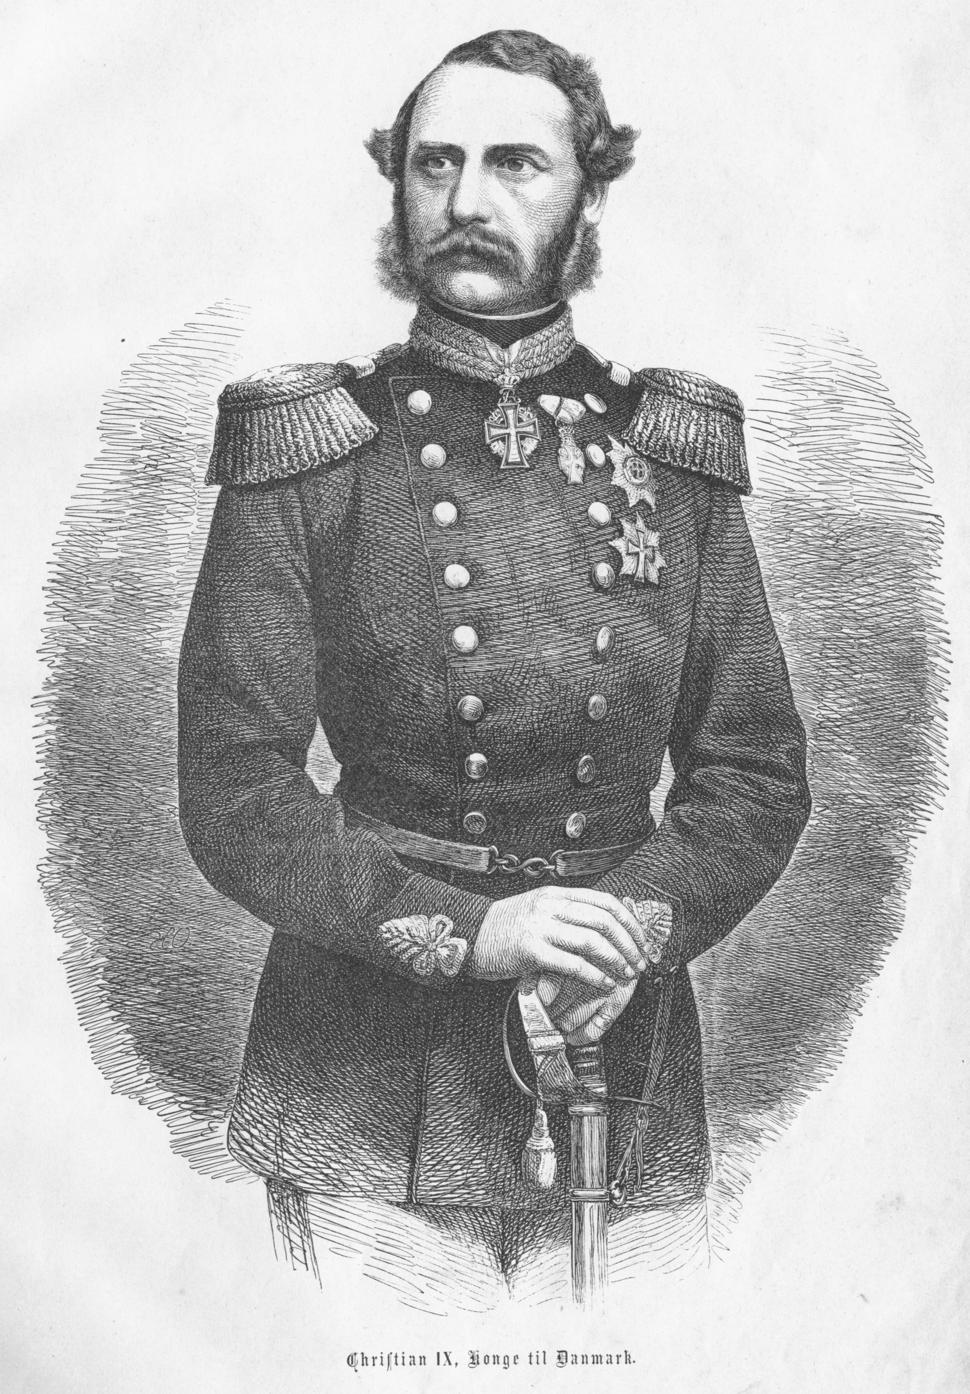 Christian IX - Konge til Danmark